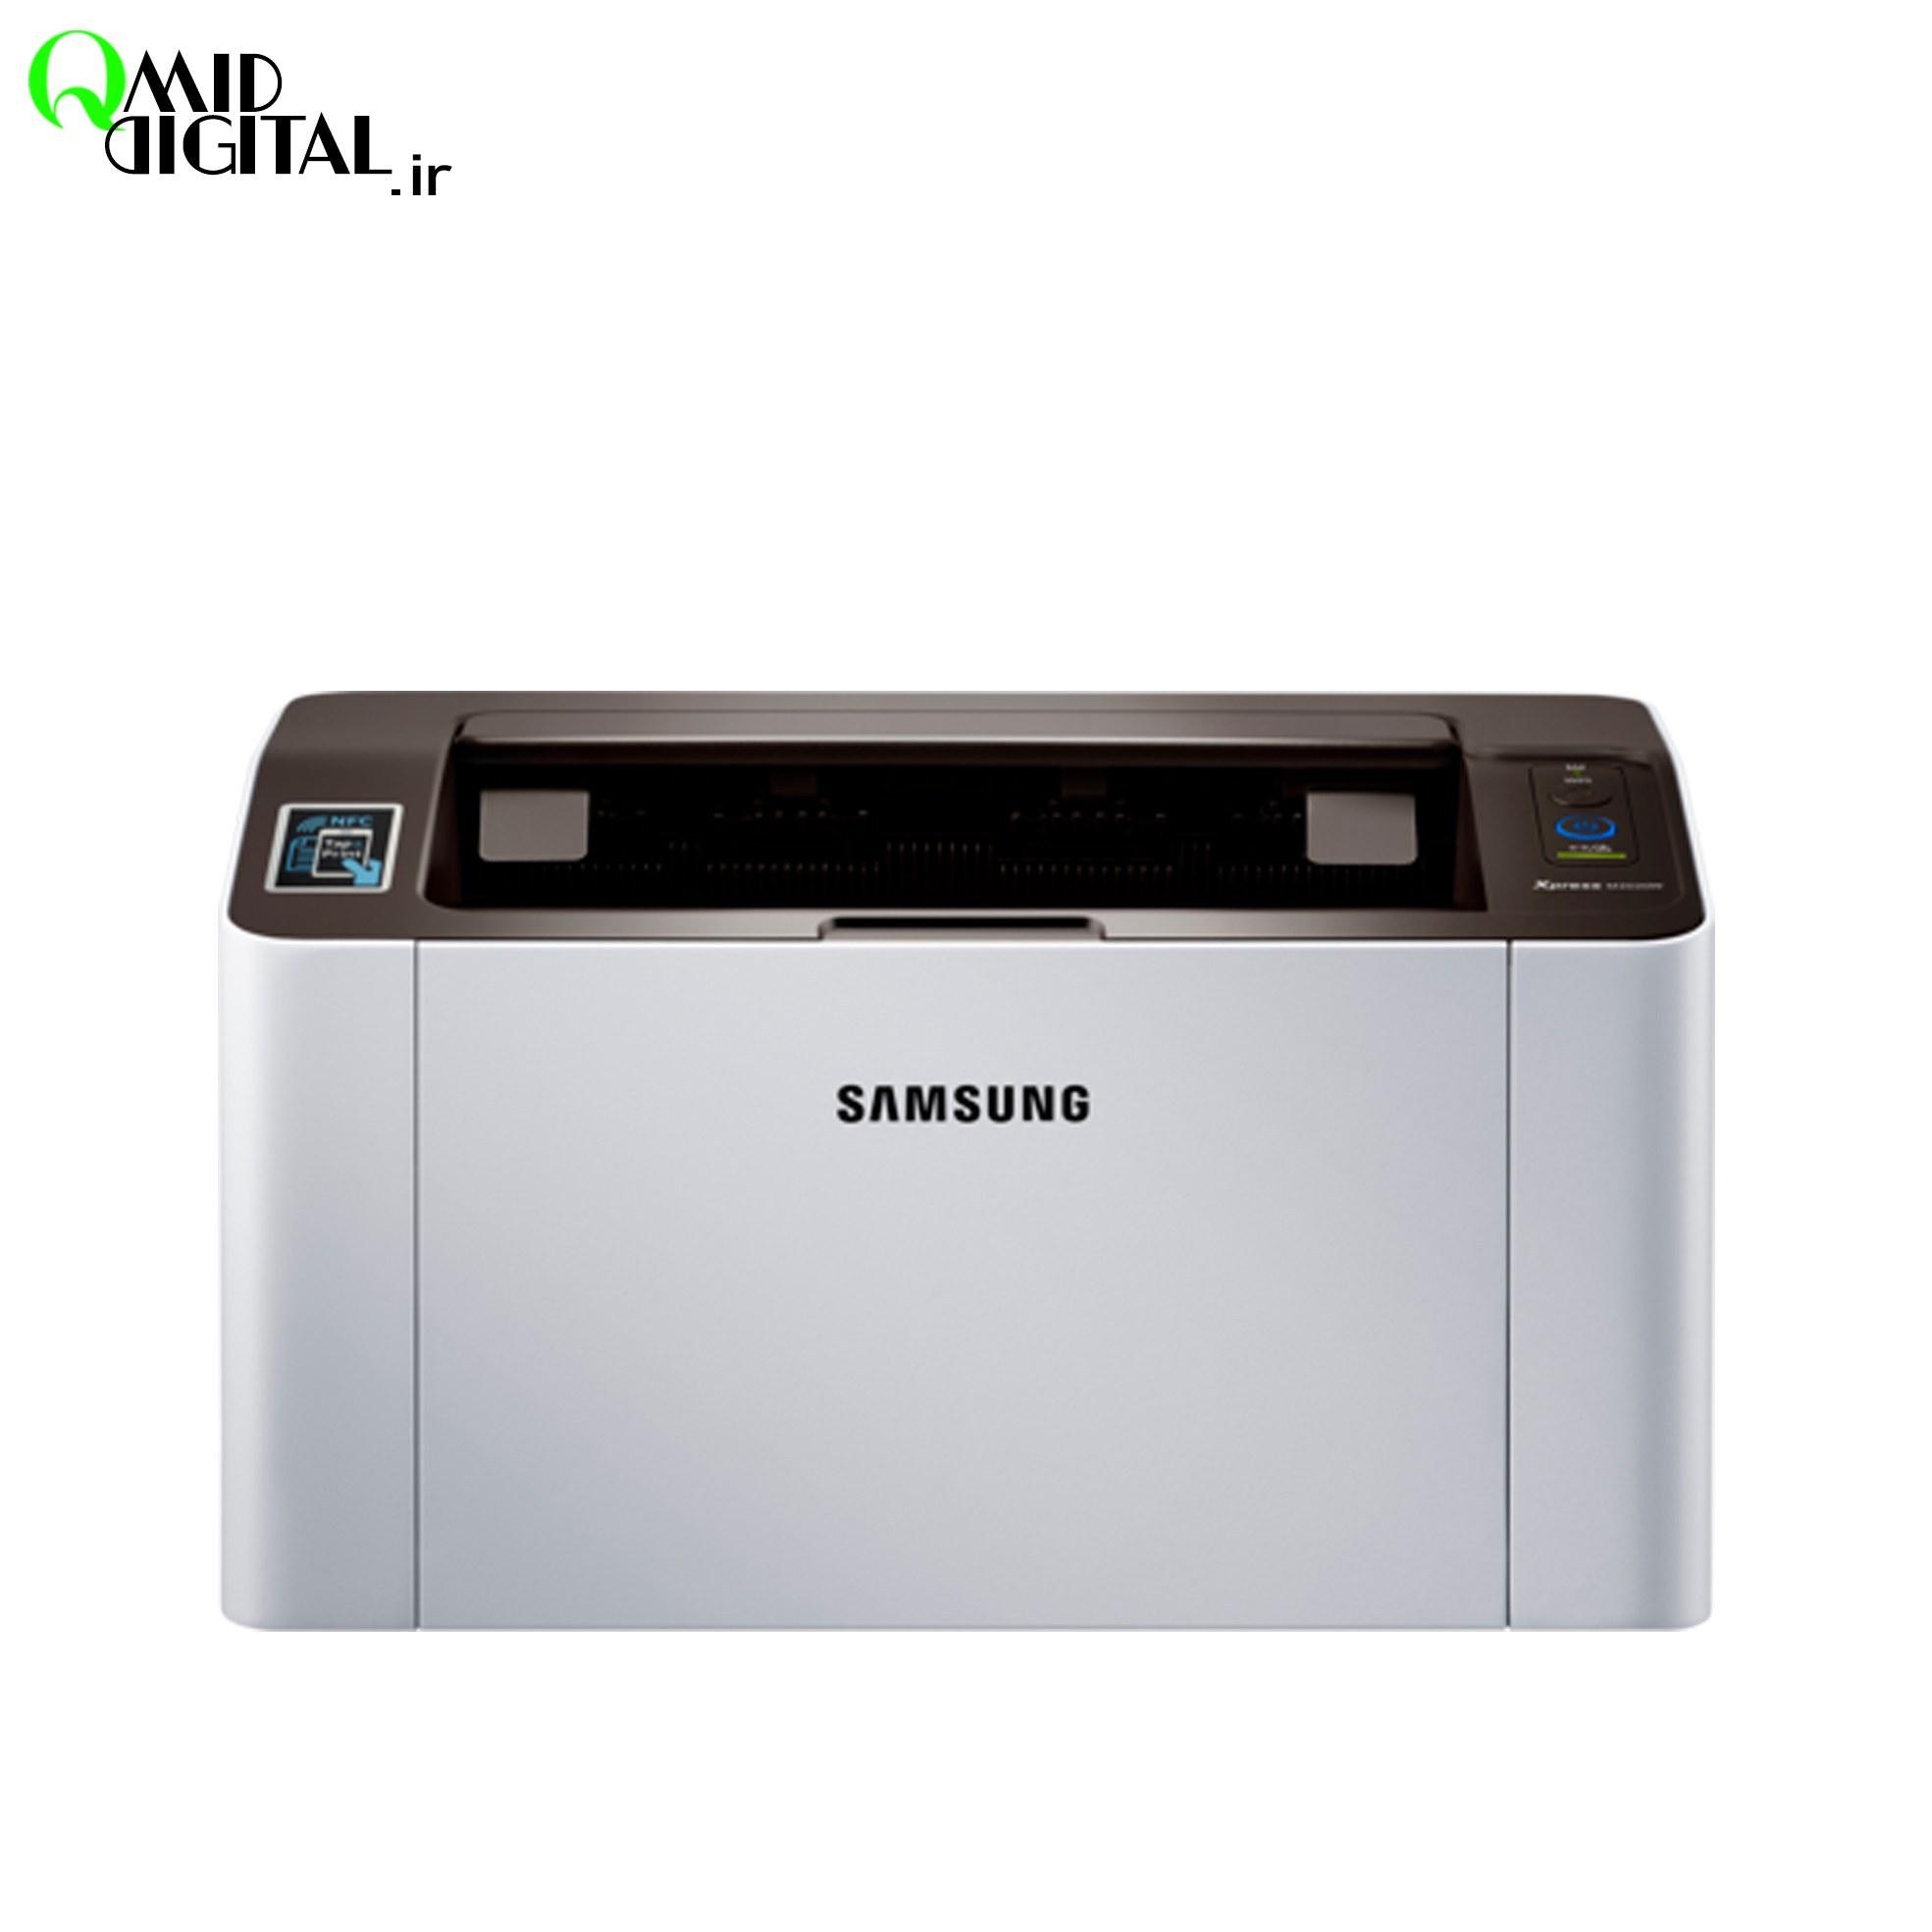 تصویر پرینتر لیزری سامسونگ مدل Xpress M2020W Samsung Xpress M2020W Laser Printer